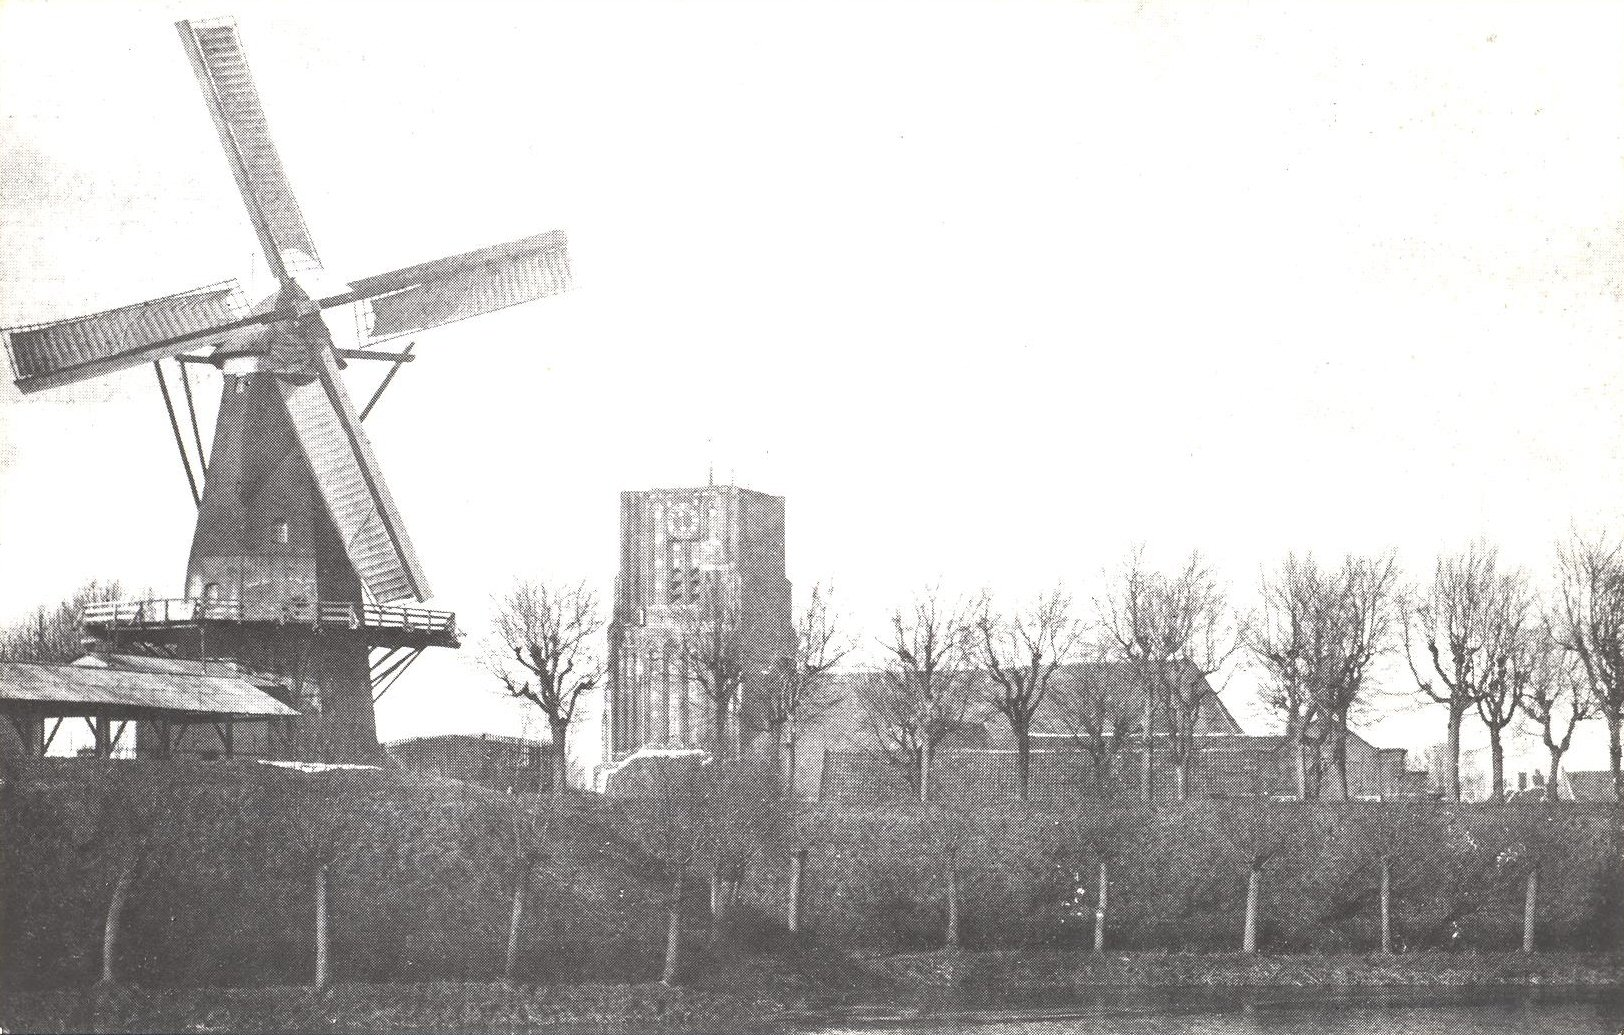 025 KERK -- (035) Korenmolen 'Nooit Gedagt' Ao. 1862, in 1945 opgeblazen foto 1913